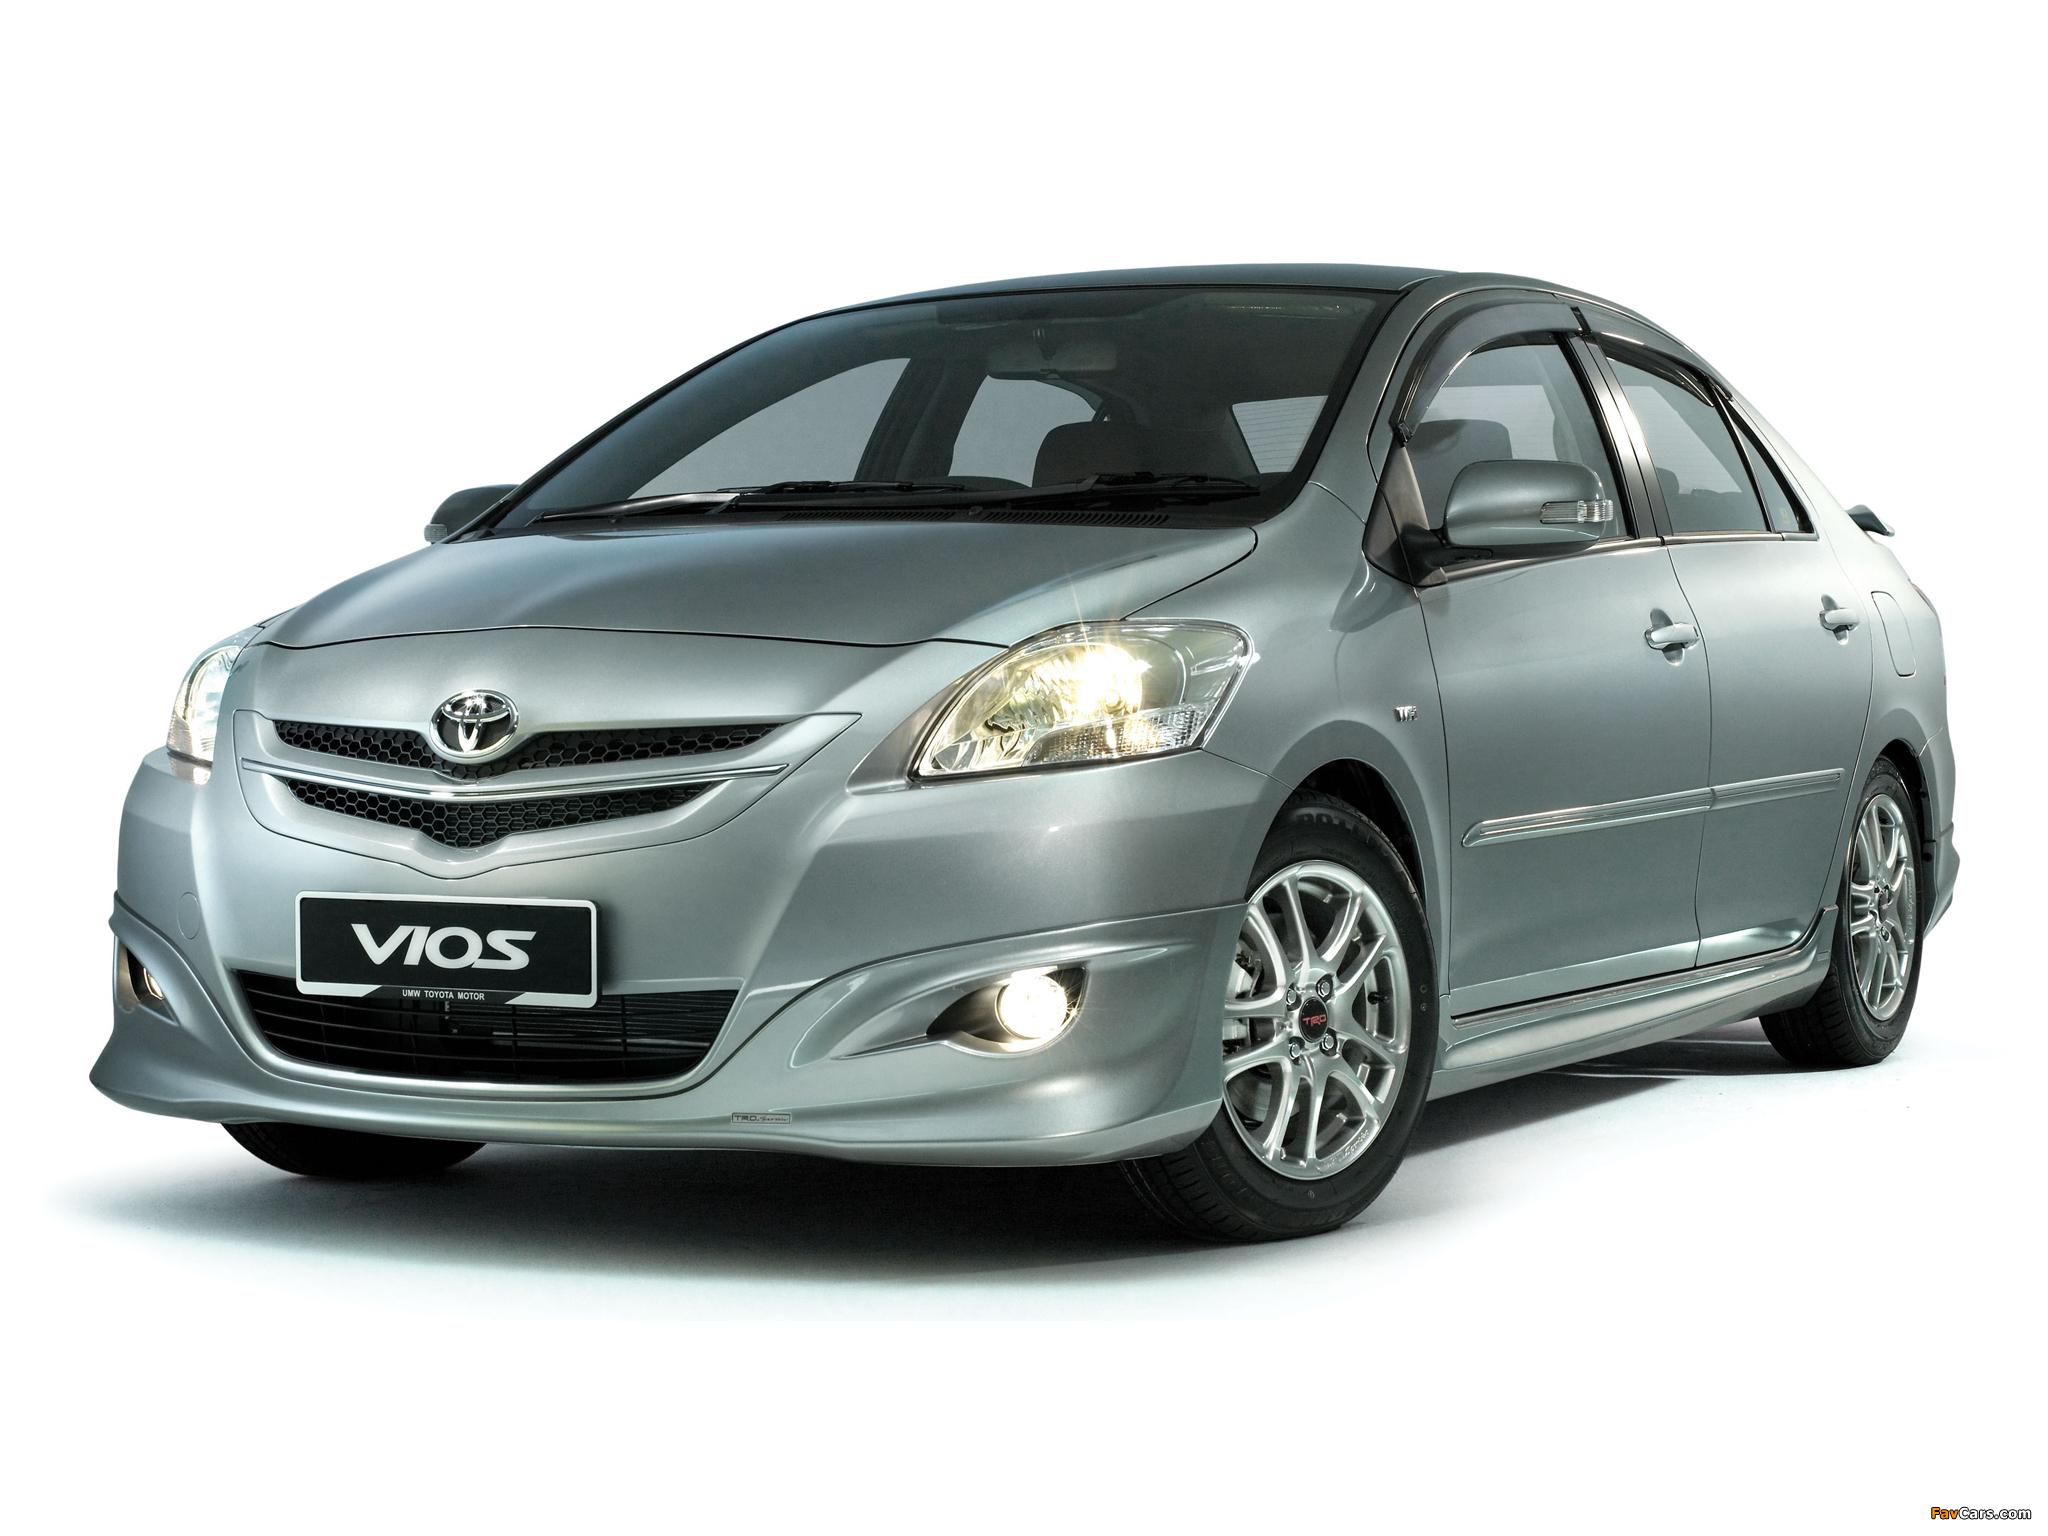 Kelebihan Kekurangan Toyota Vios 2008 Harga